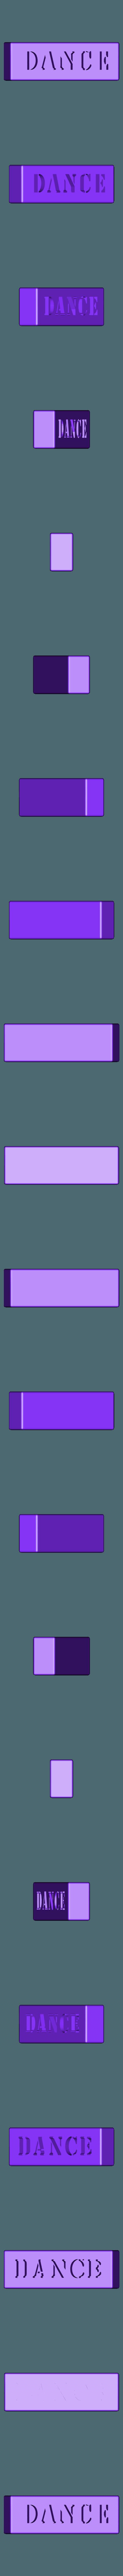 Jenga block - Dance.stl Download STL file Jenga Rules • 3D print model, Made_In_Space